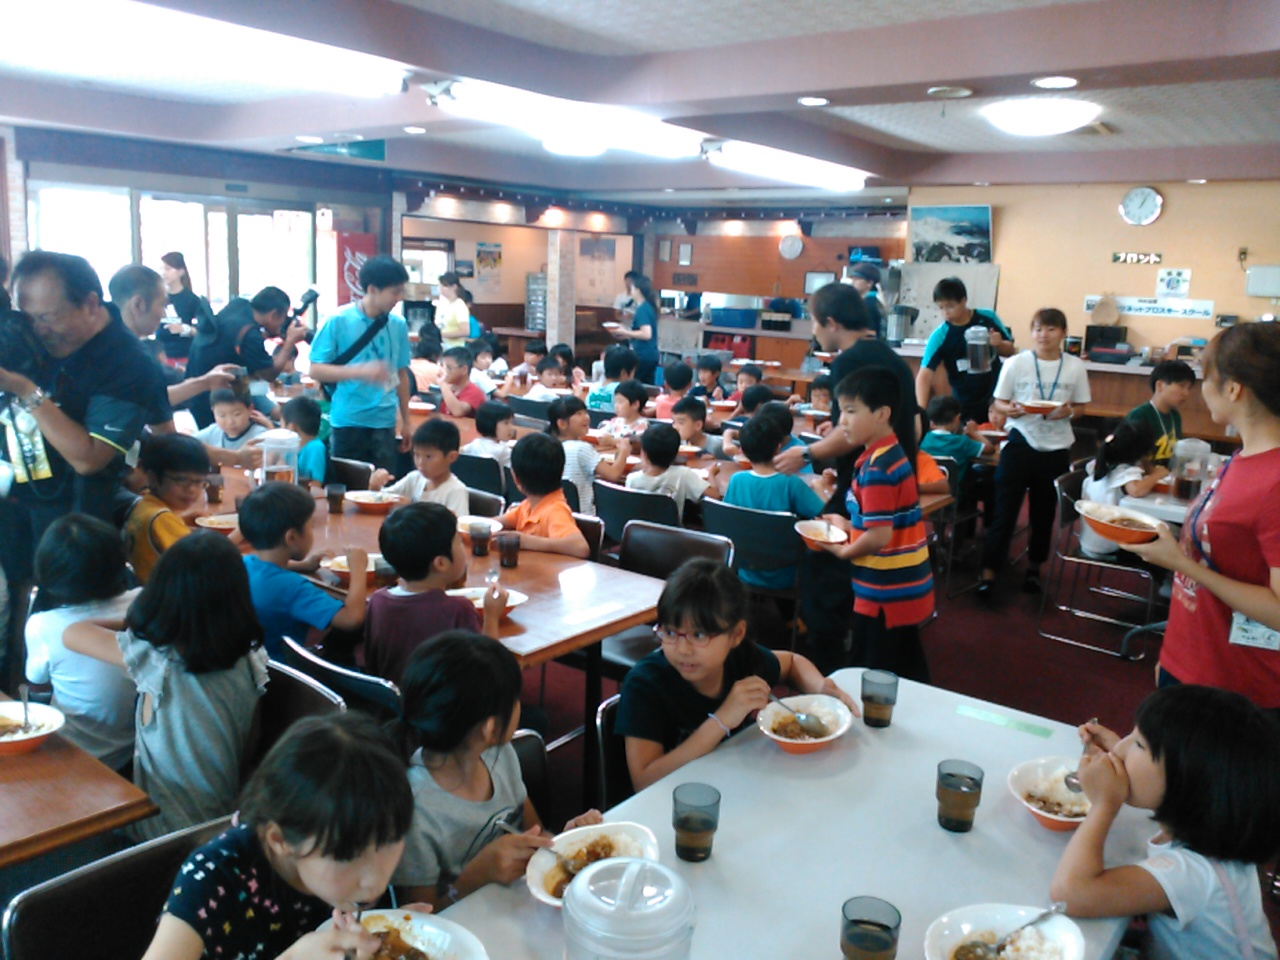 サマーキャンプ1日目・昼食2